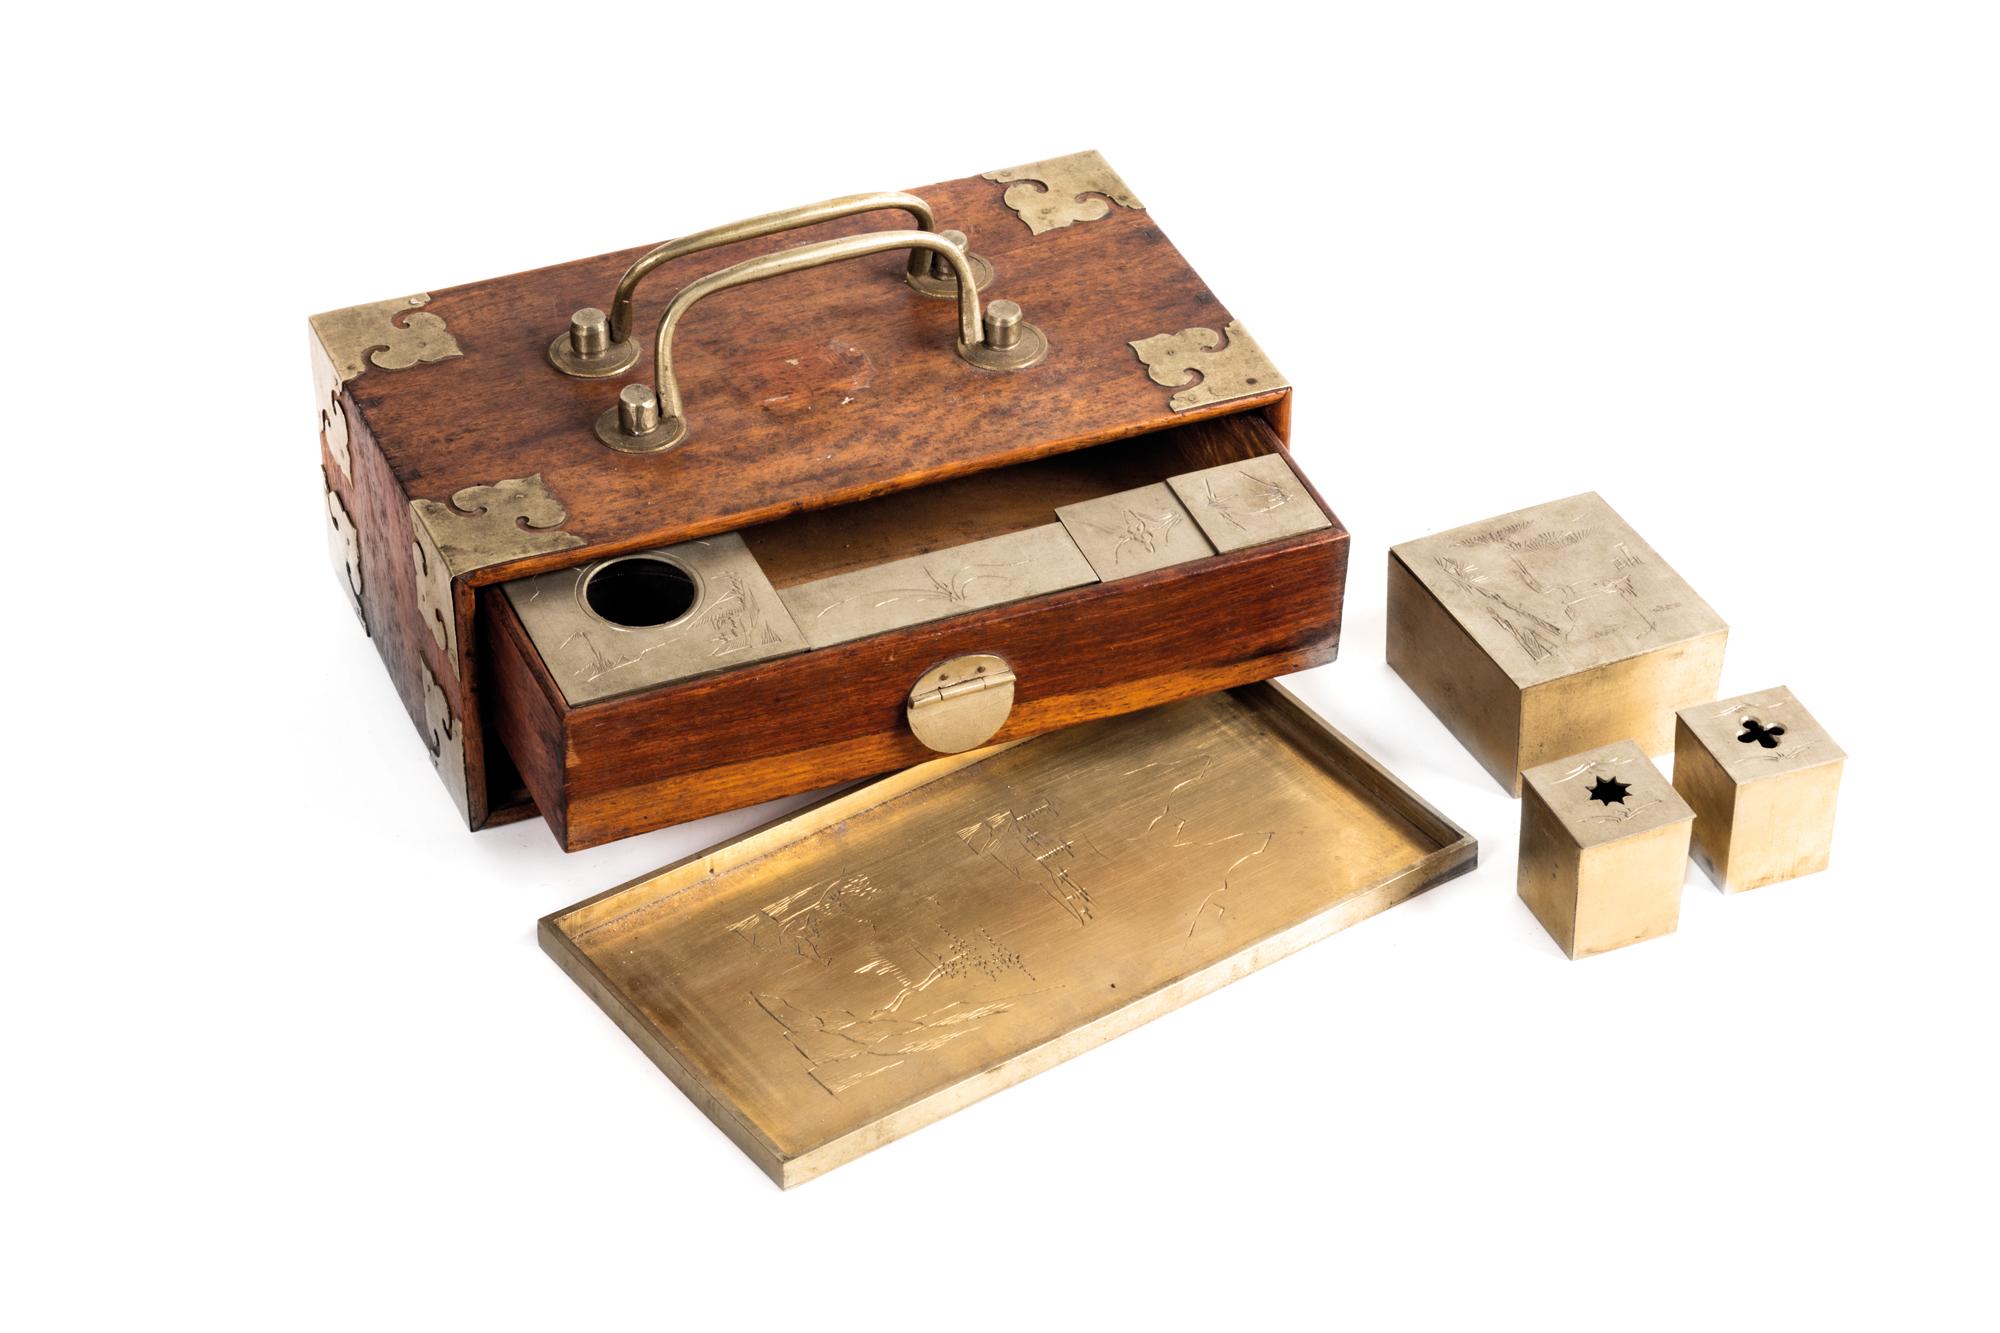 opium travelling box, wood and brass, 7 x 19 x 11 cm Admiral Lamberto Vannutelli's gift.